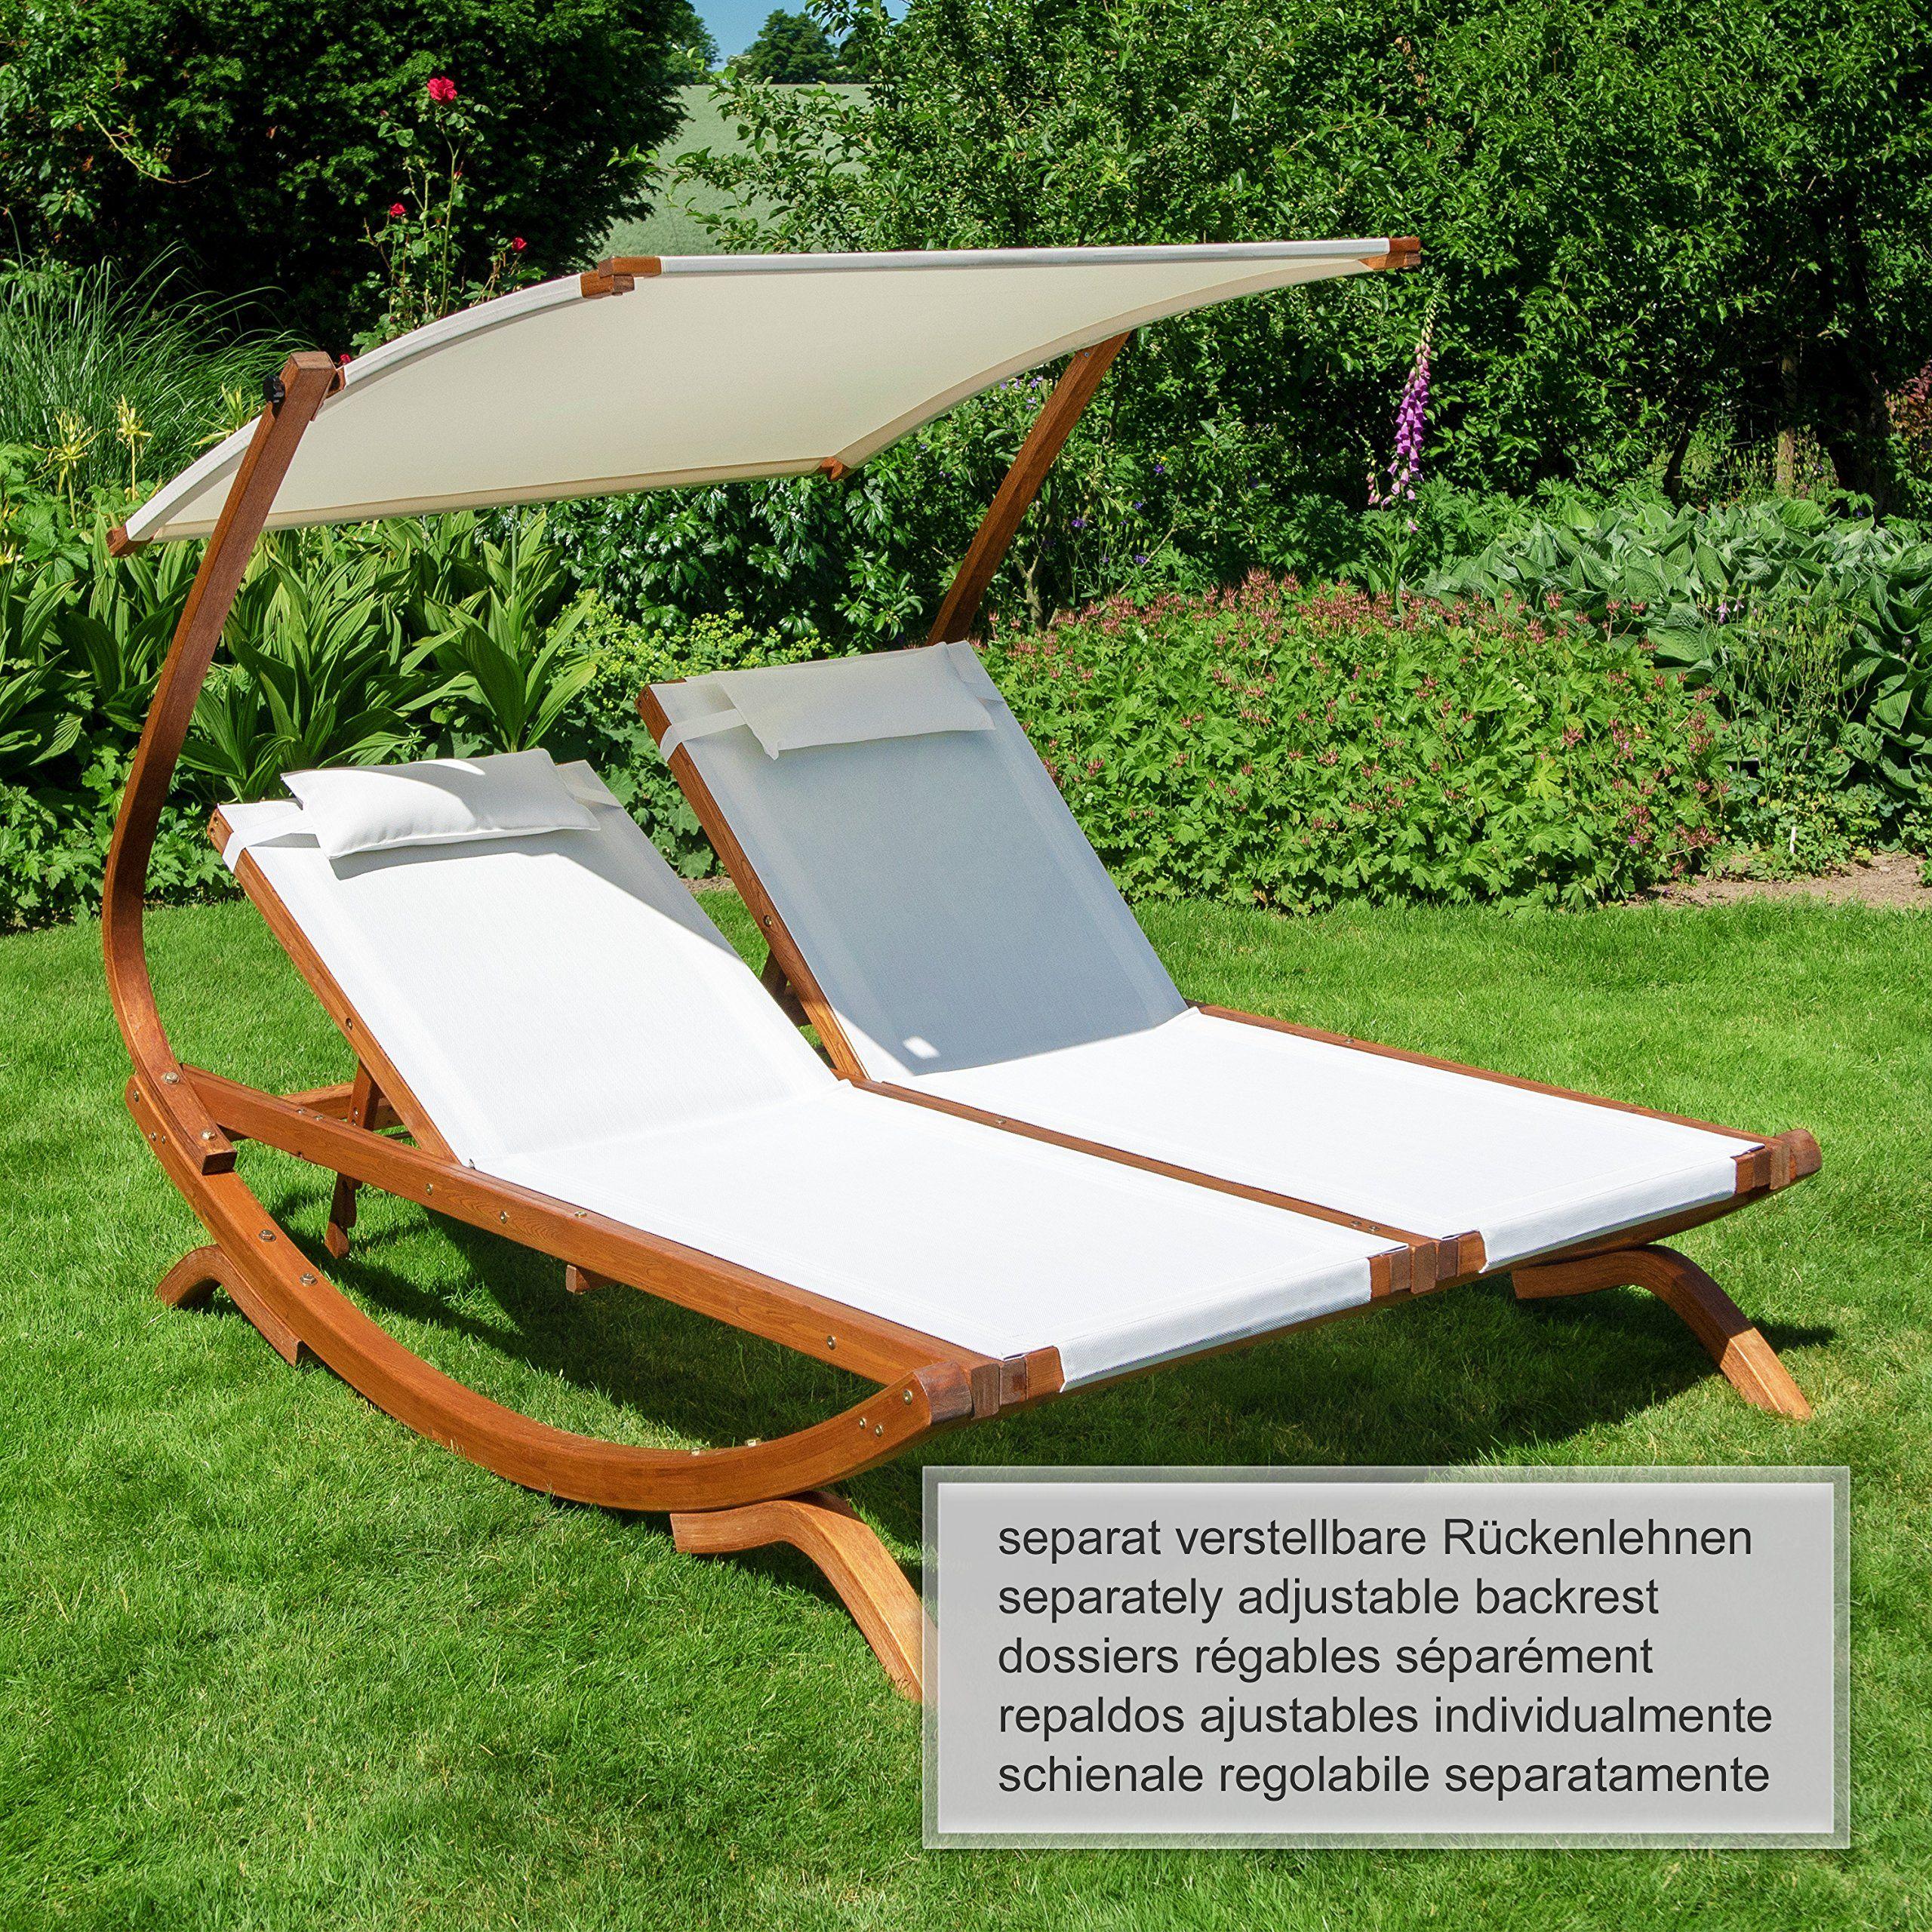 Amazon De Ampel 24 Lounge Doppel Sonnenliege Hawaii Mit Dach Gartenliege Mit Einzeln Verstellbarer Ruckenlehne Sonnenliege Sonnenliege Mit Dach Gartenliege